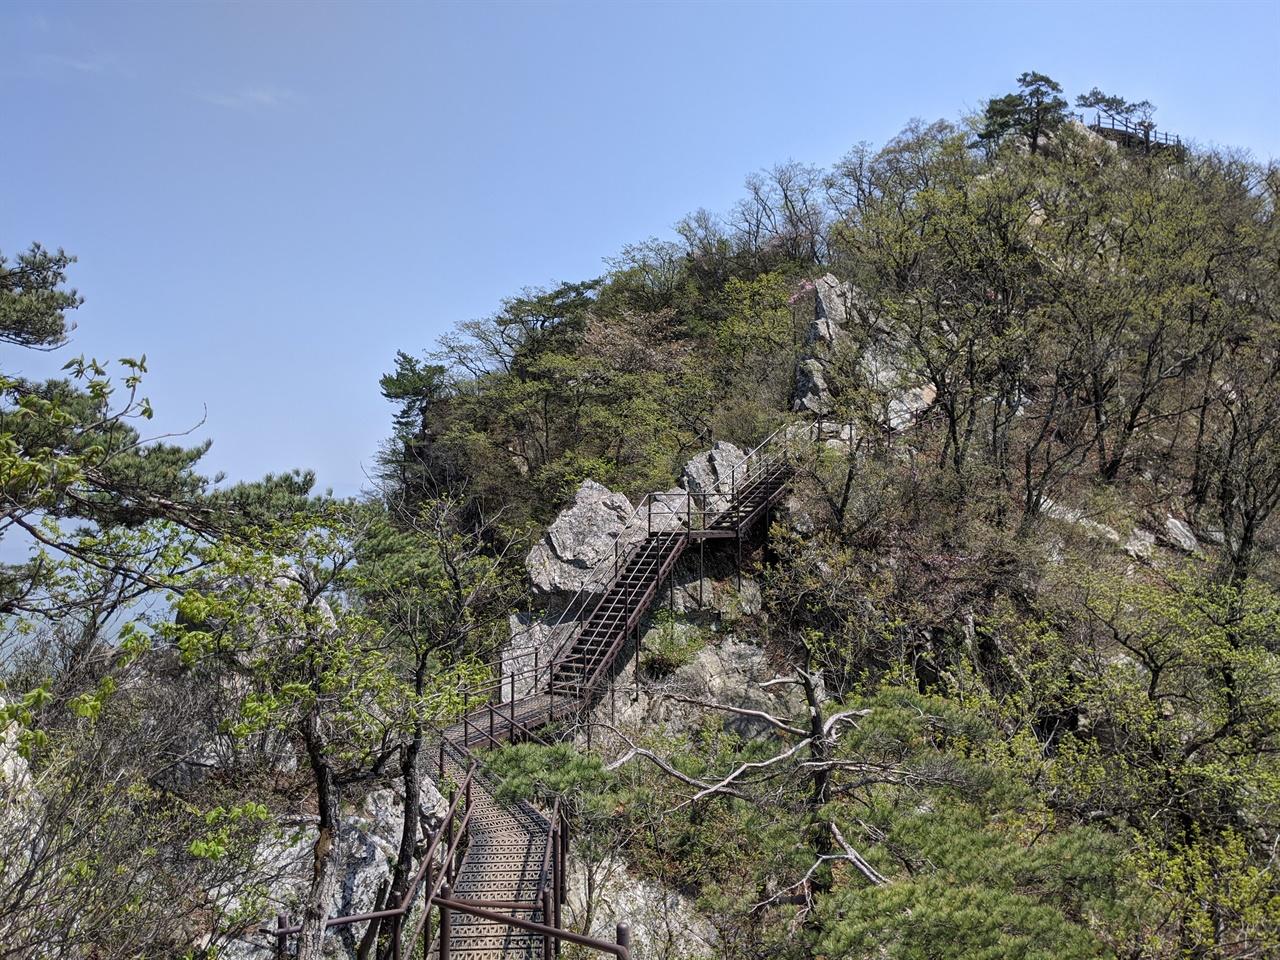 금수산 정상으로 올라가는 계단 금수산 정상으로 향하는 계단이 끝없이 이어진다.